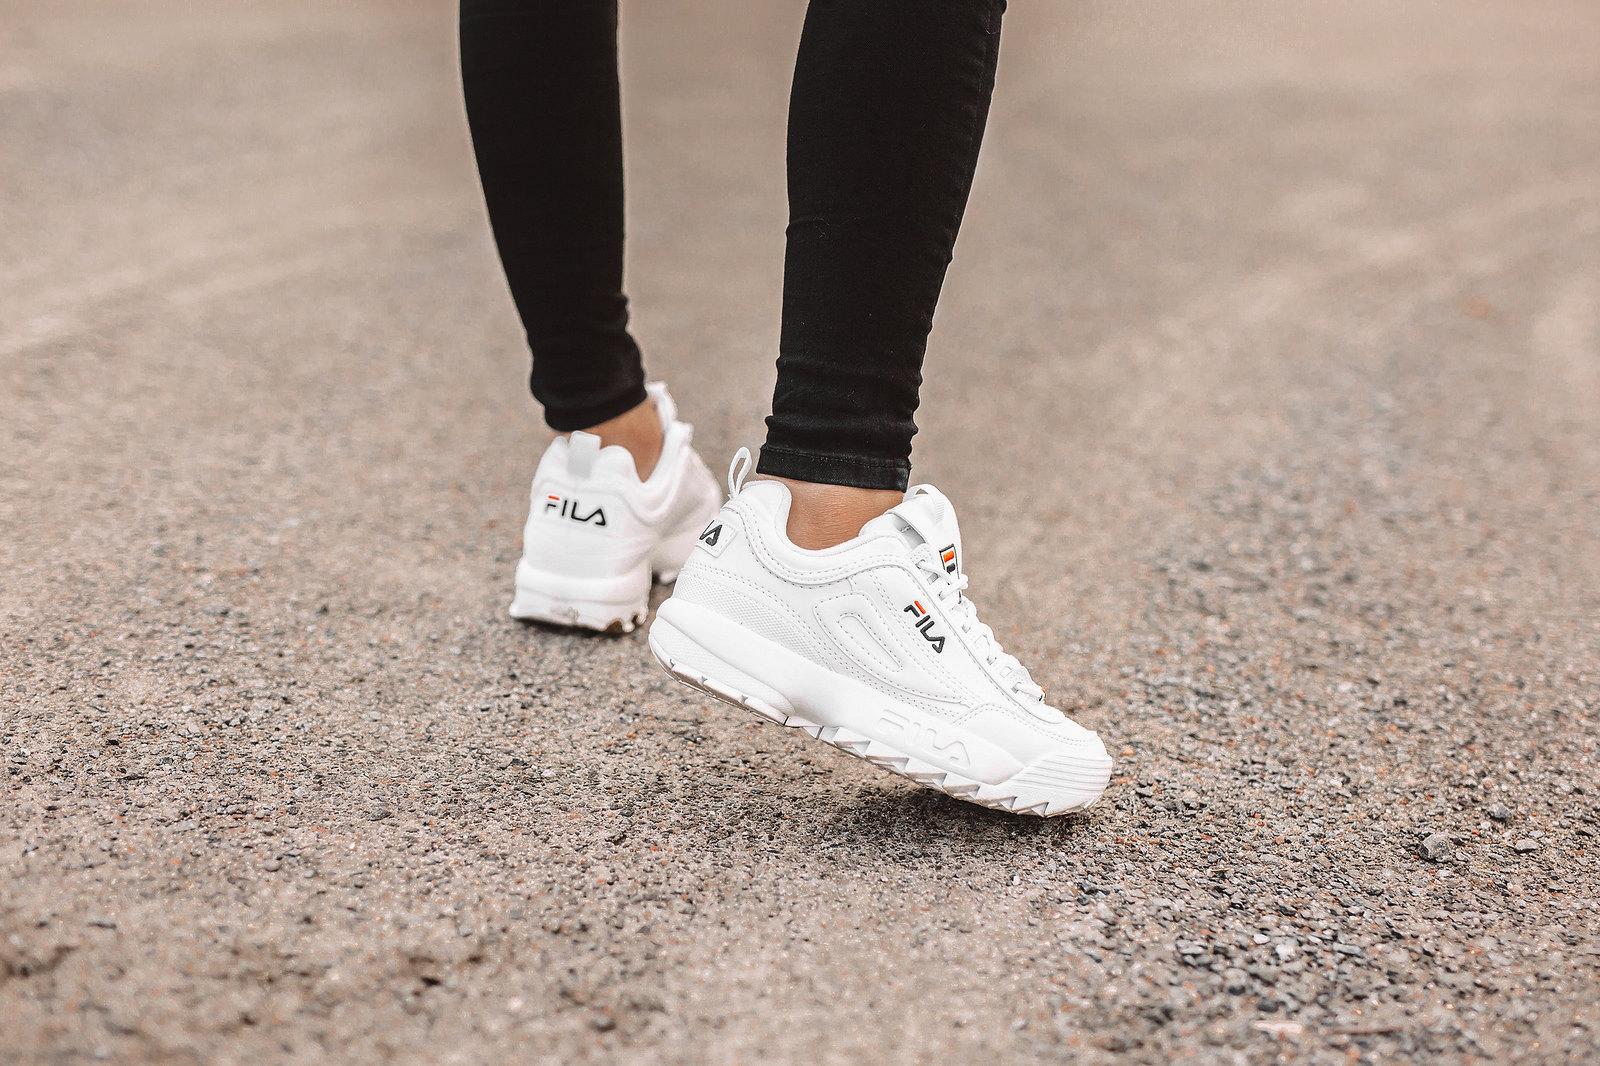 fila kengät